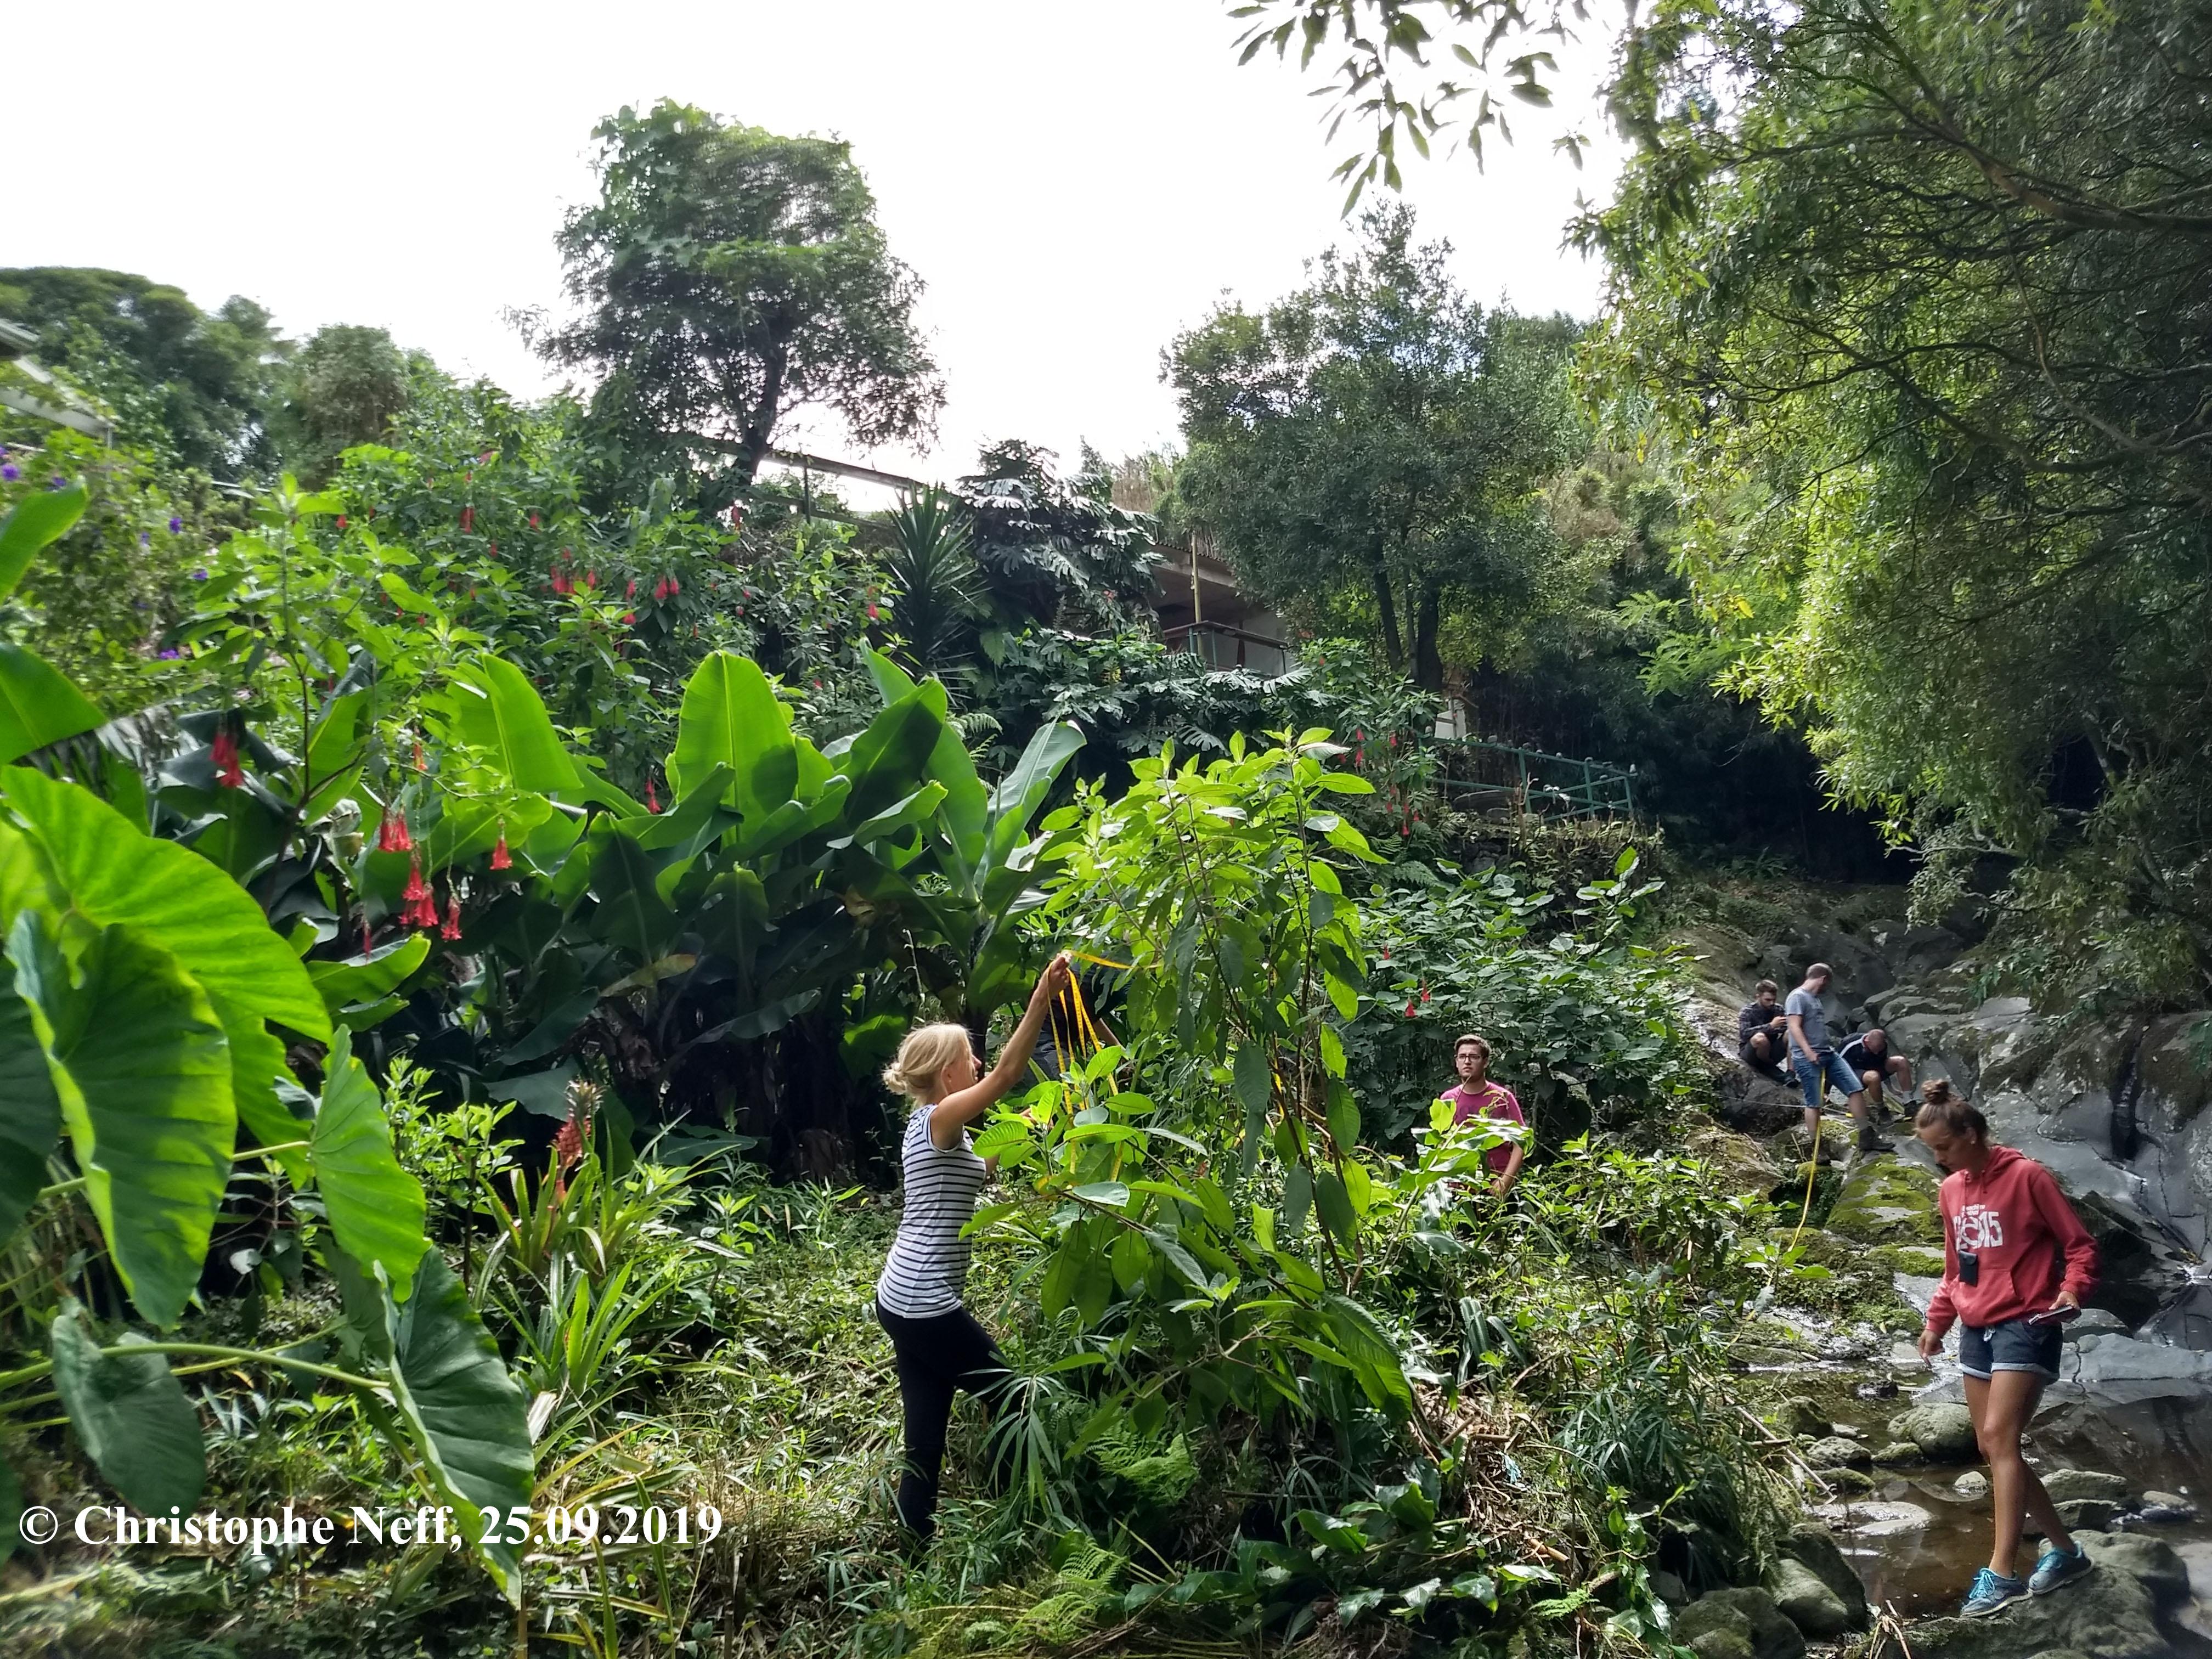 Relevé de végétation dans le jardin du O Esconderijo (25.09.2019 Cedros-Faial)